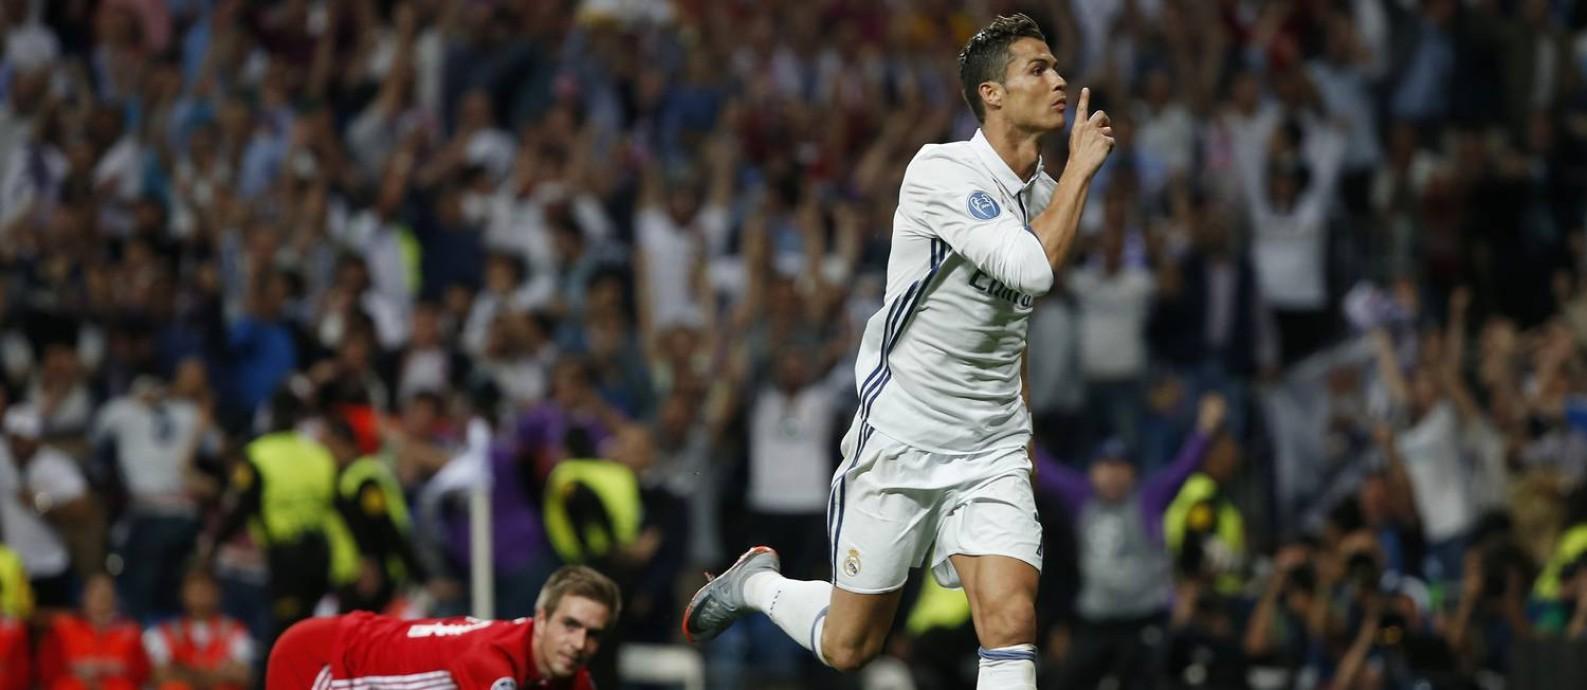 8c0dbe4efc Cristiano Ronaldo comemora seu primeiro gol no jogo entre Real Madrid e  Bayern de Munique Foto